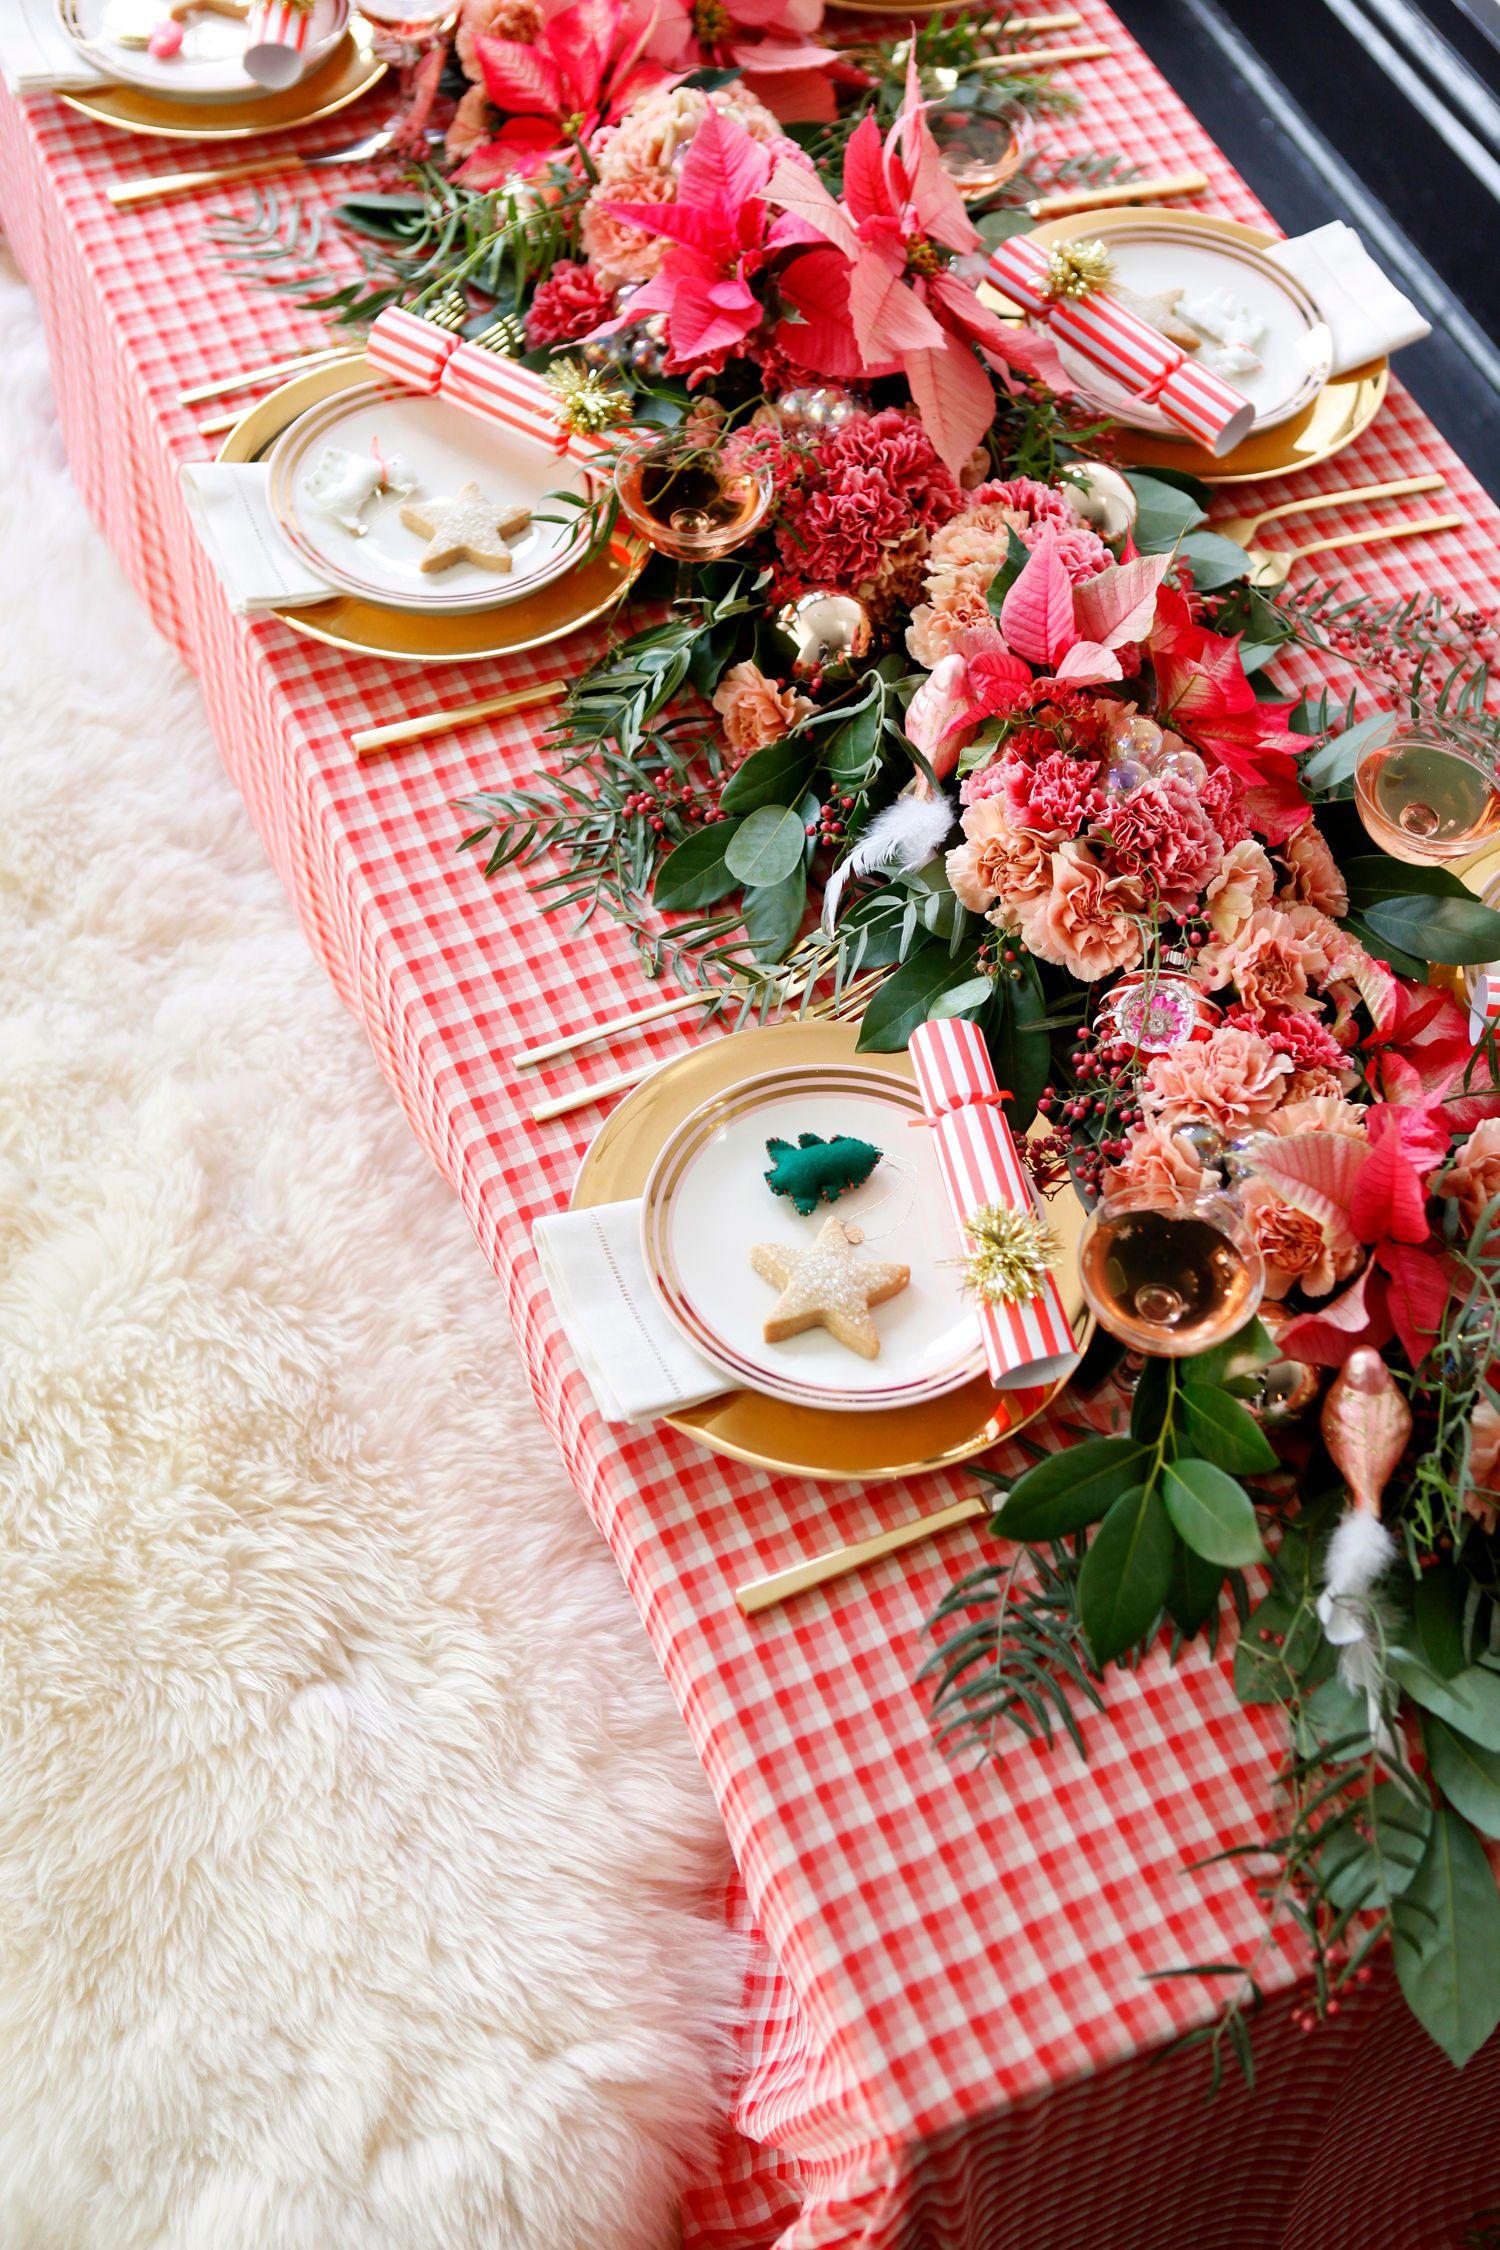 A Playful Plaid Poinsettia Christmas Tabletop Christmas Tabletop Pink Christmas Table Setting Christmas Table Settings